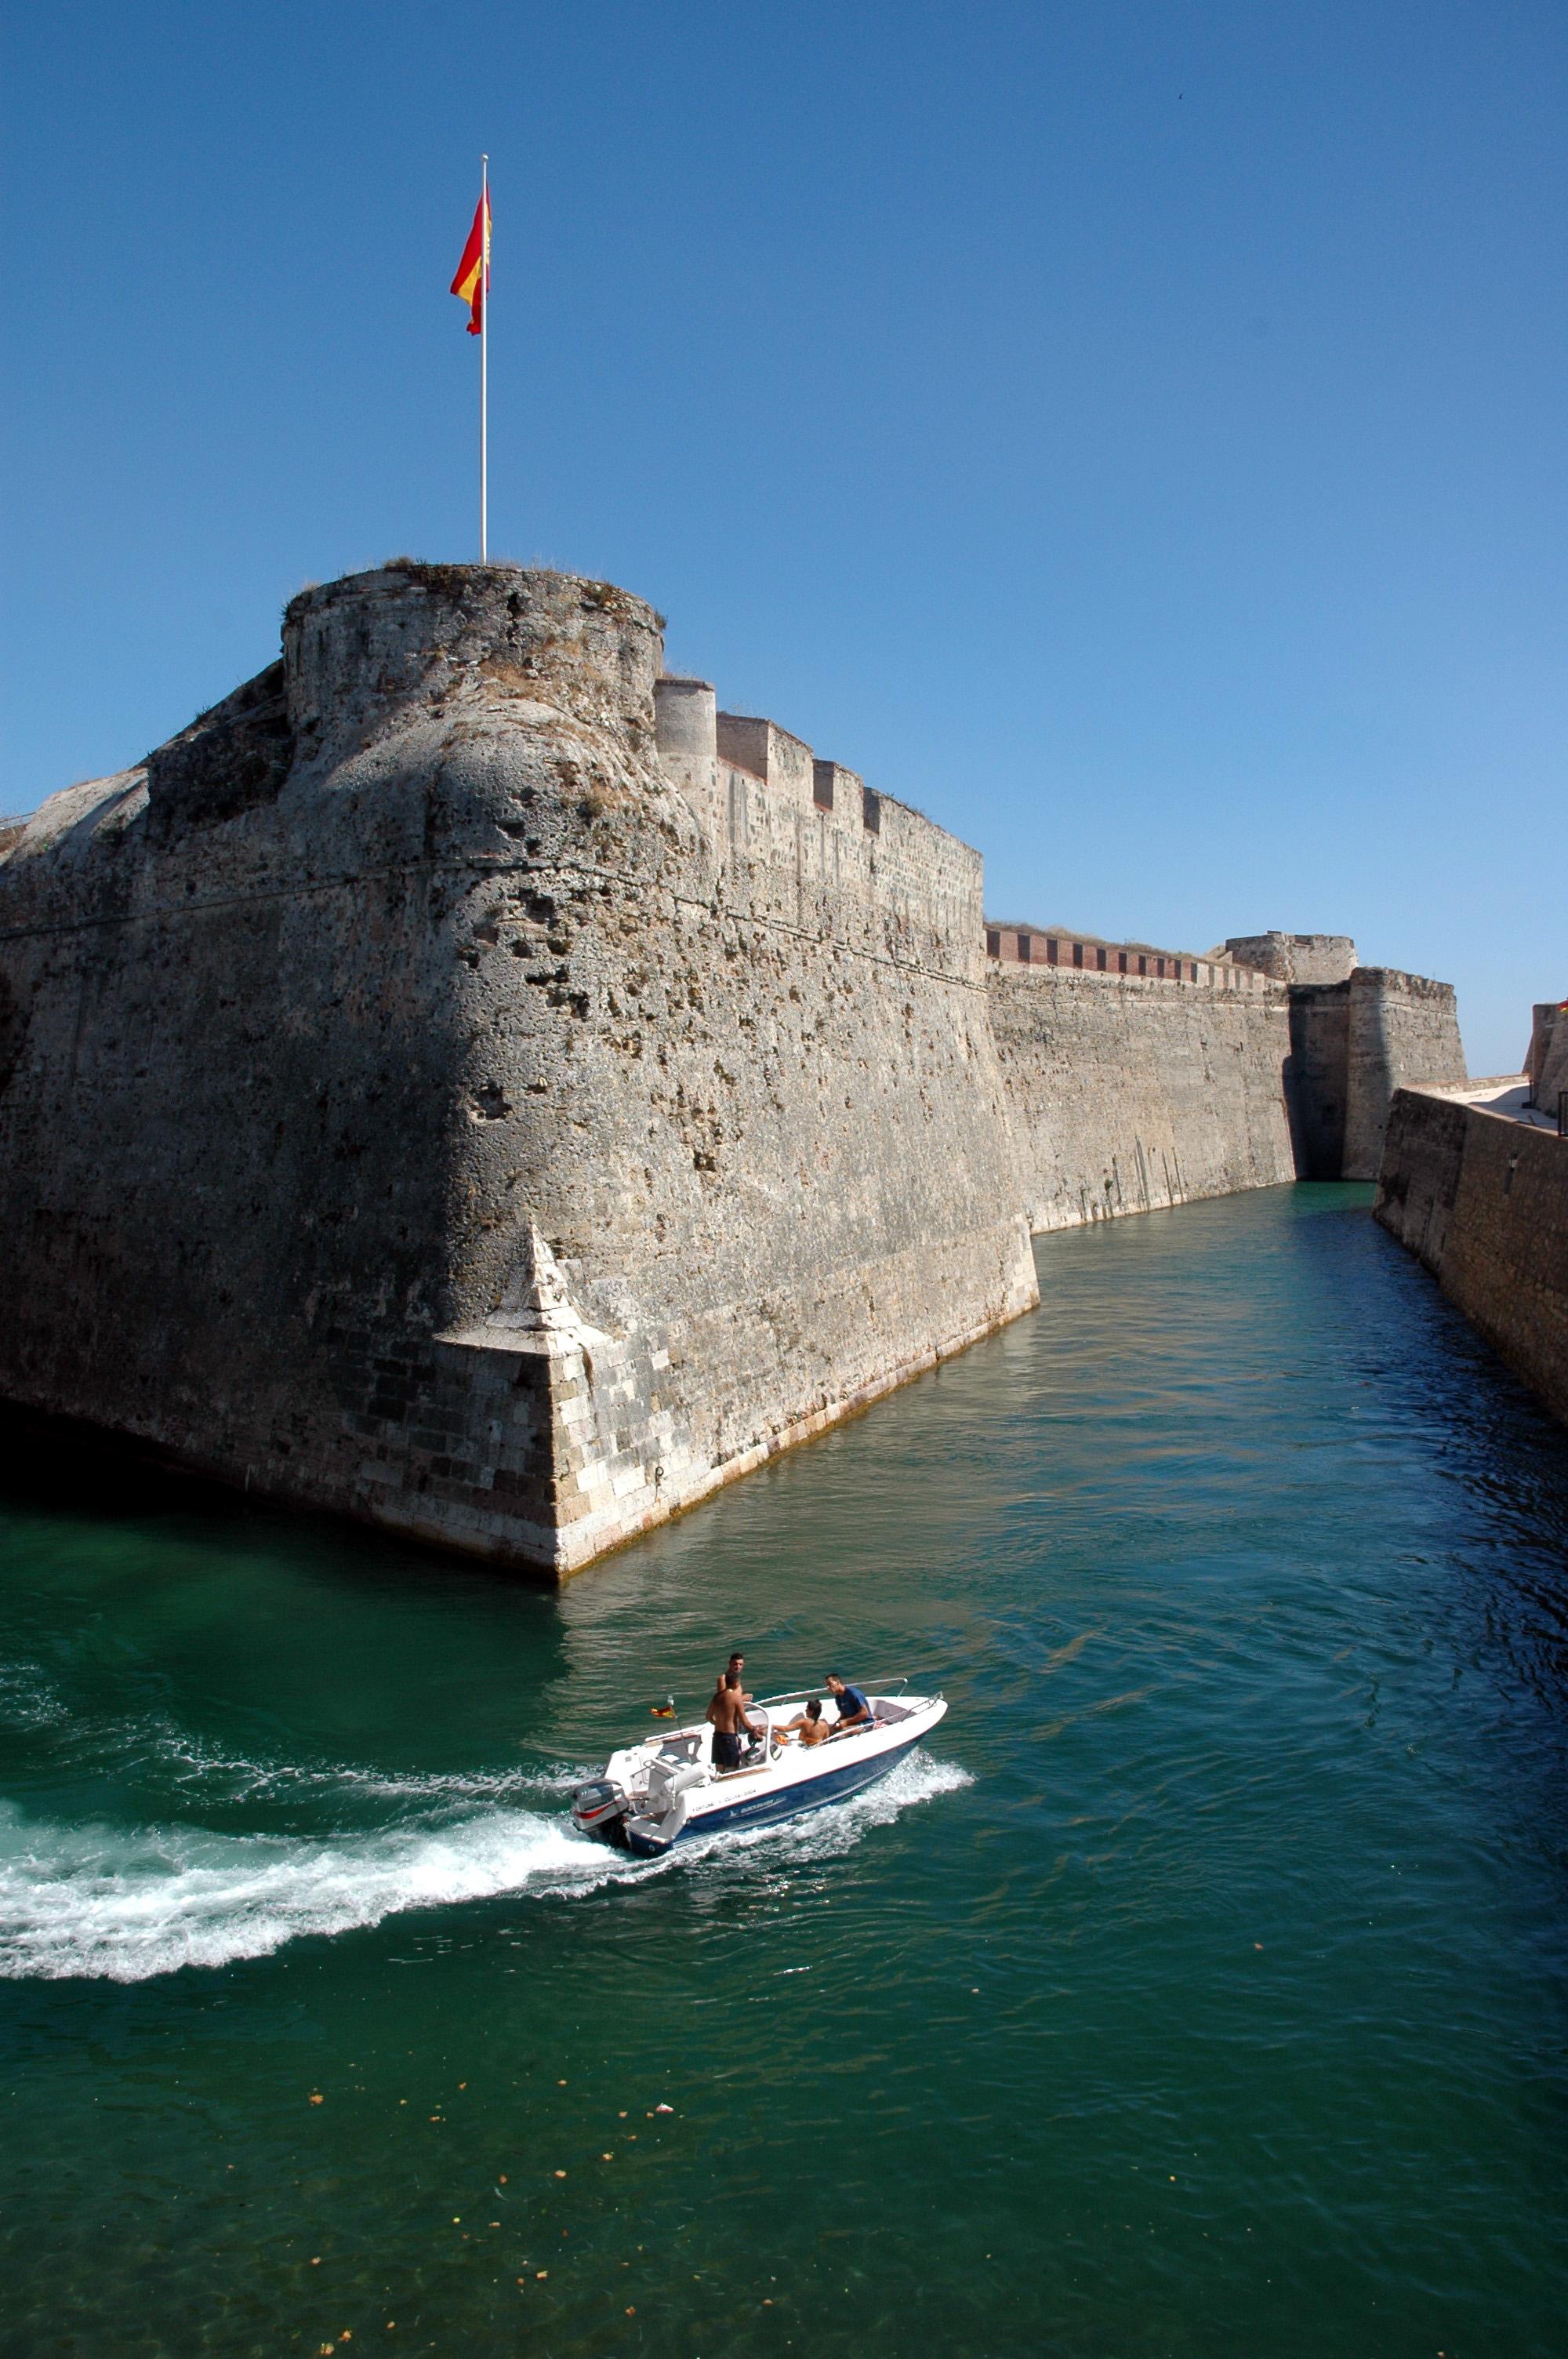 Murallas reales y foso navegable de Ceuta, uno de los atractivos de la ciudad